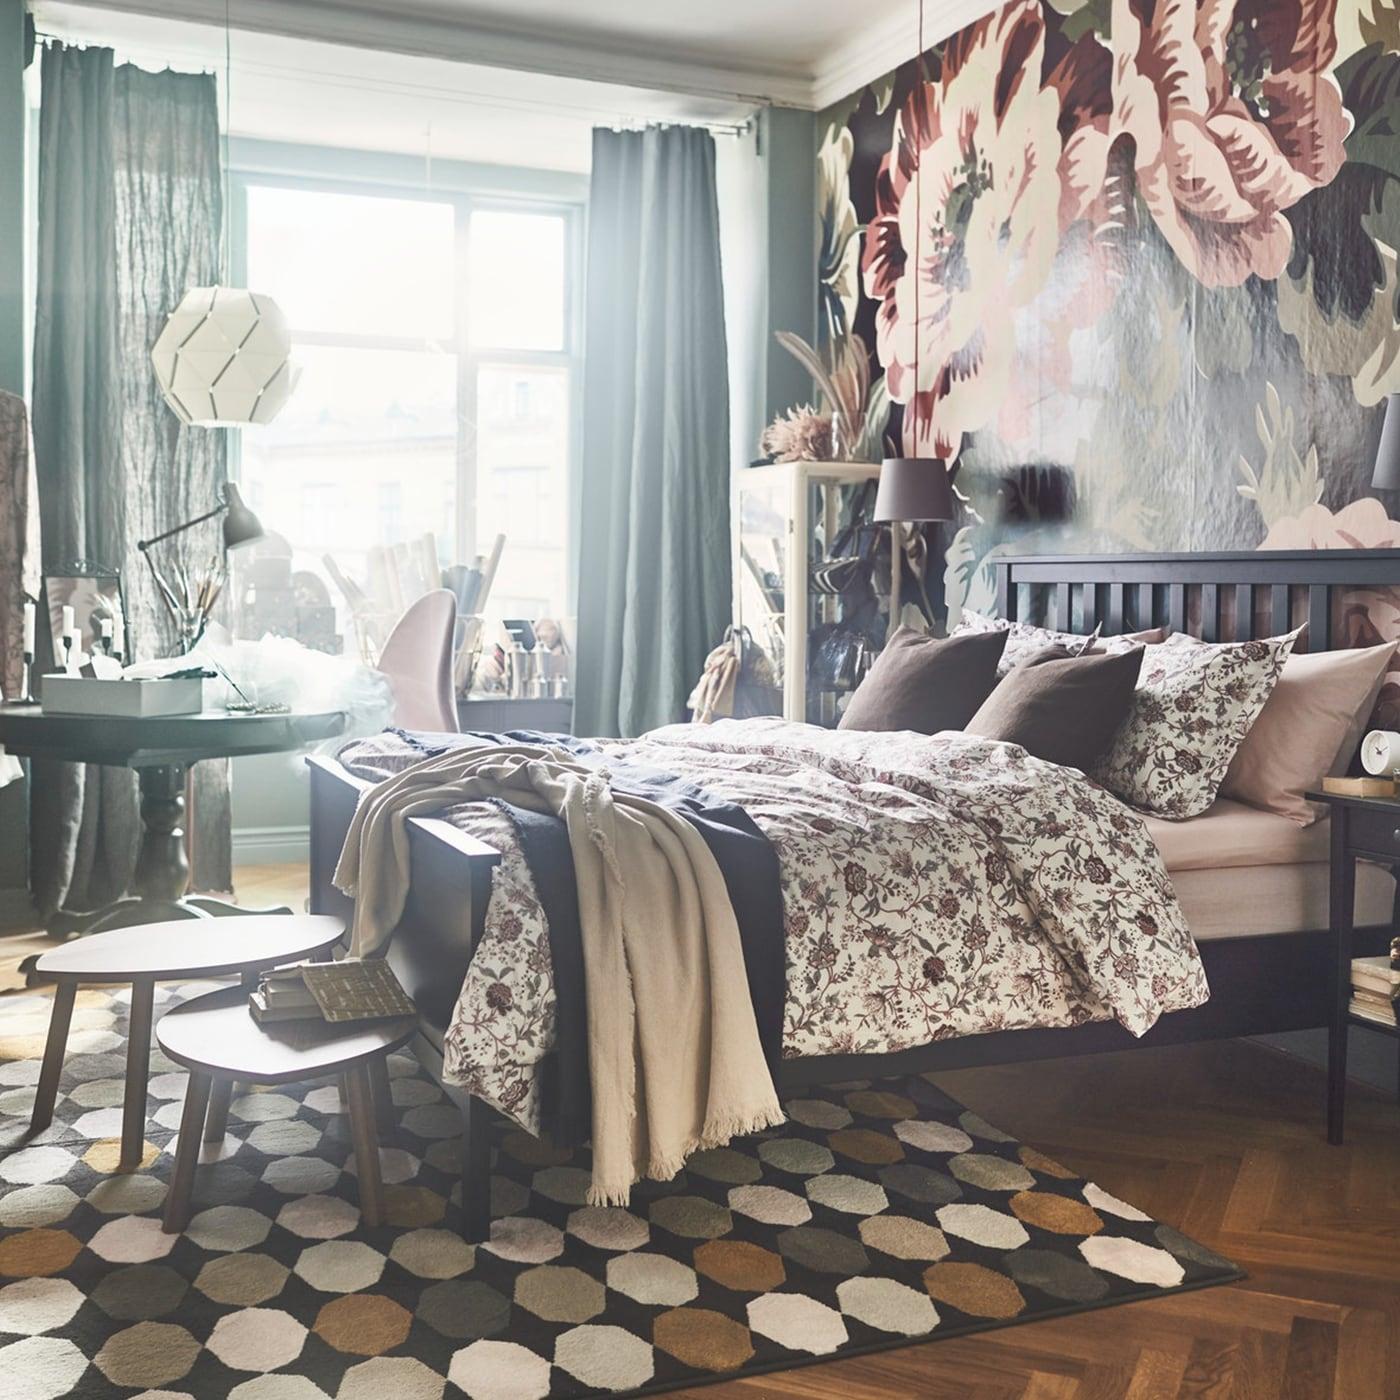 Kunterbunte Schlafzimmereinrichtung mit schwarzbraunem HEMNES Bettgestell, blumiger Bettwäsche & Tapete